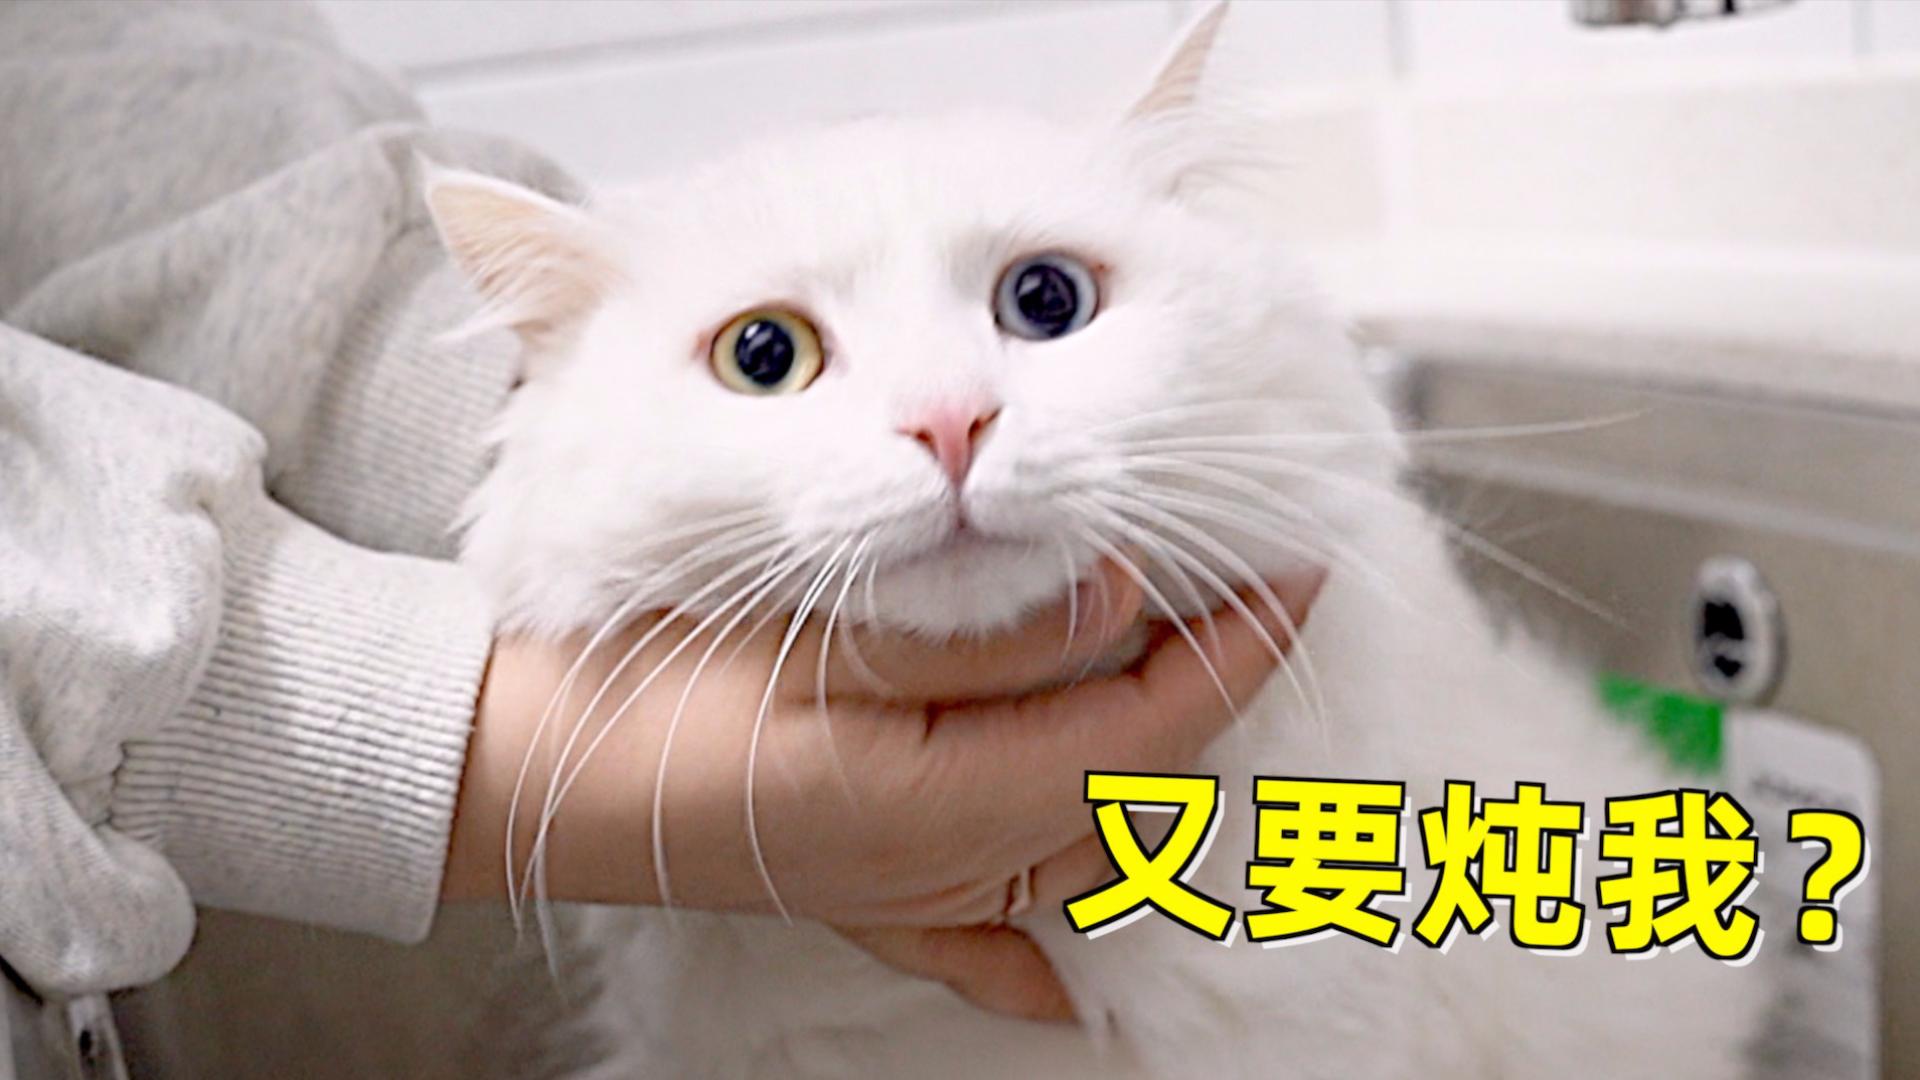 把洗猫拍成舌尖上的中国,还撒上玫瑰花瓣入味,仙女猫瑟瑟发抖